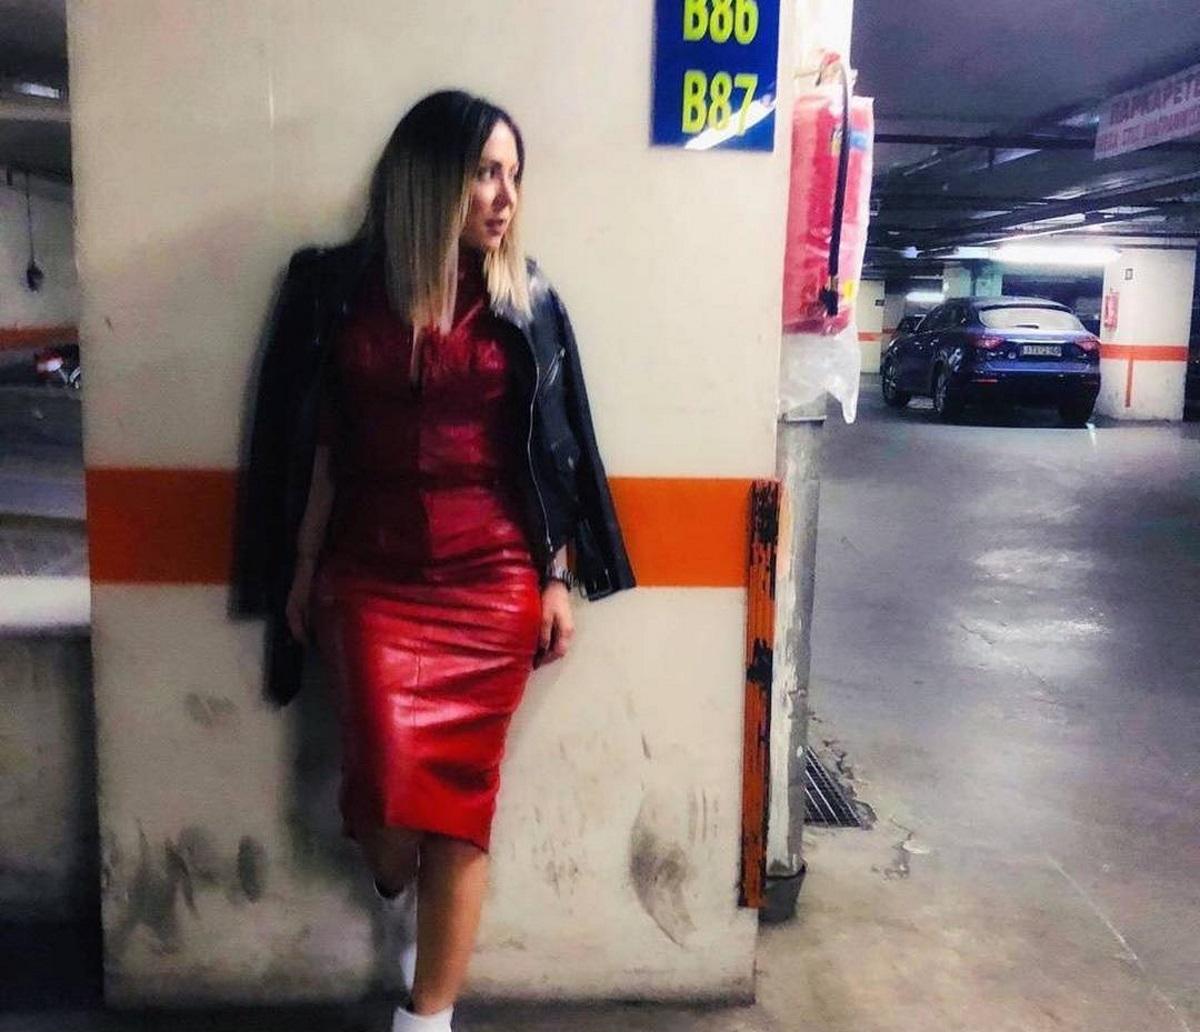 Μελίνα Ασλανίδου: Αφέθηκε στα χέρια του συντρόφου της για το hairlook της! Video